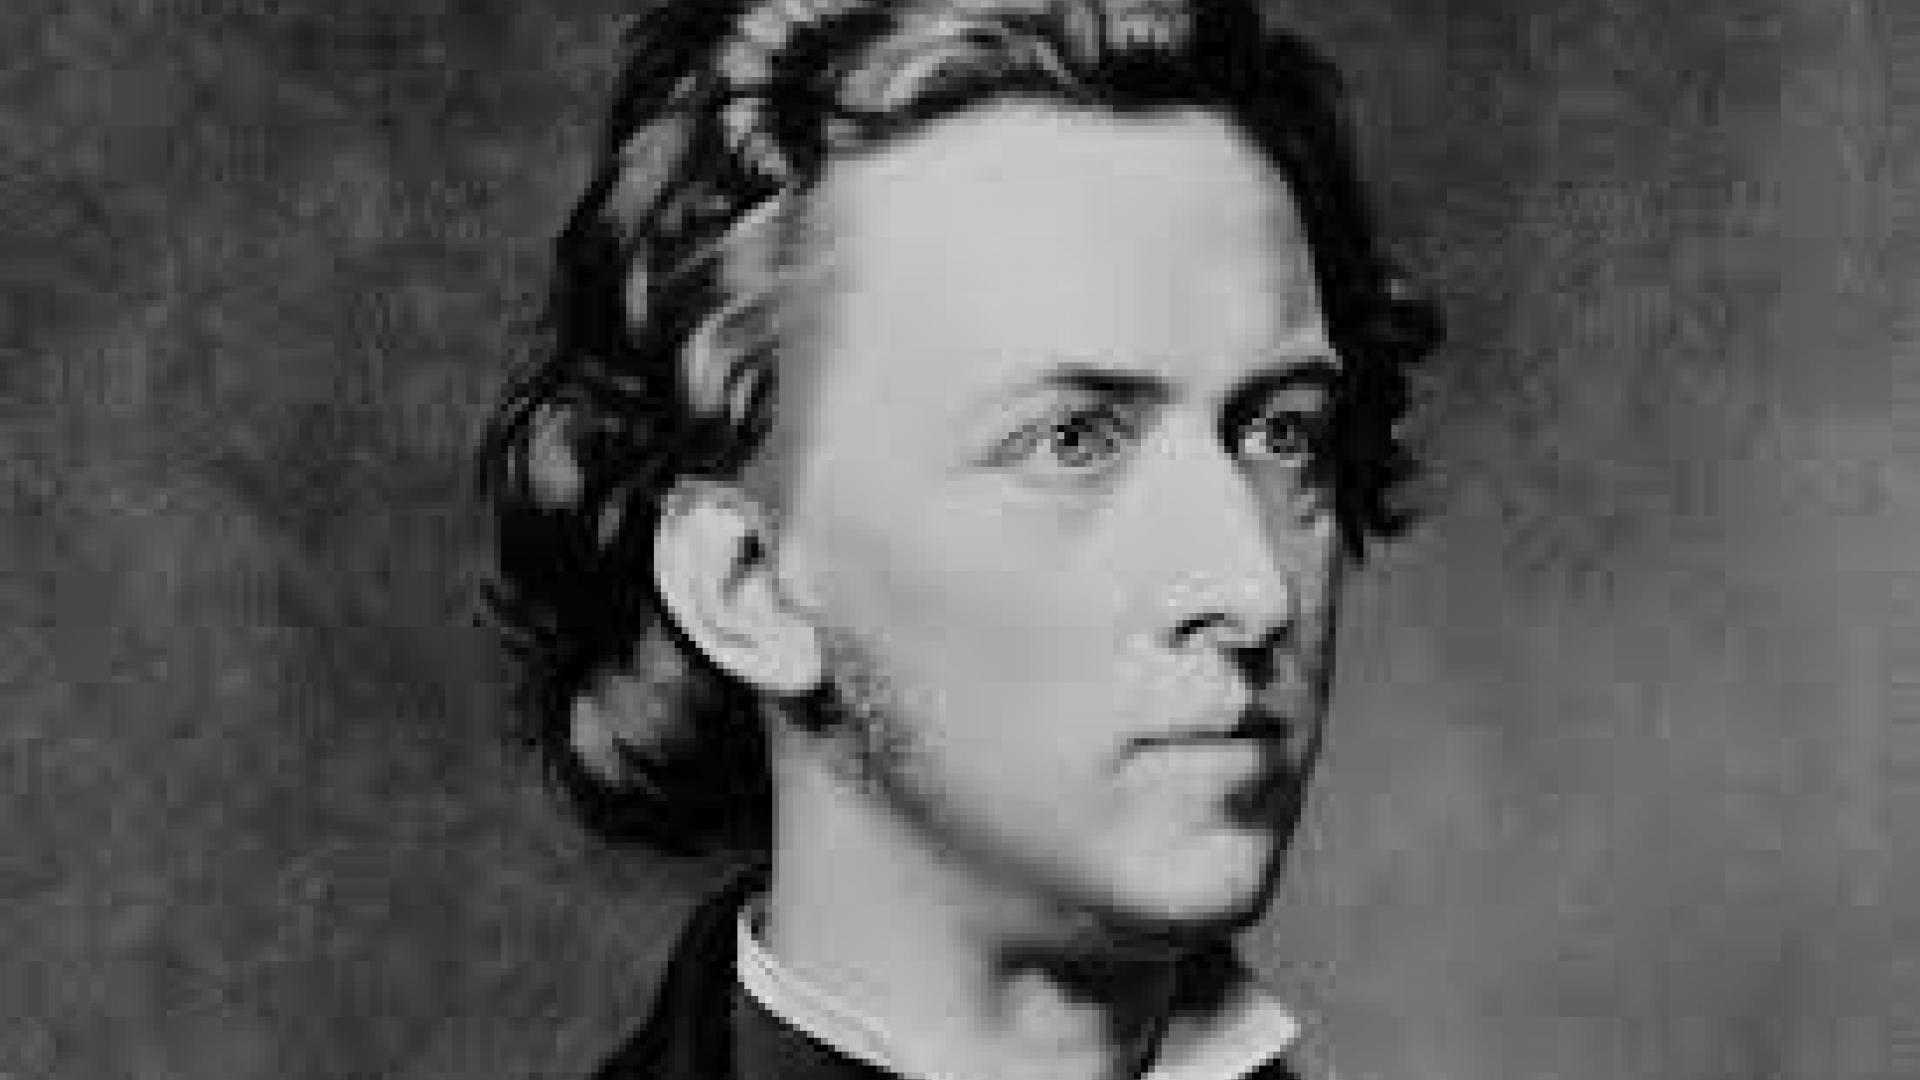 На тази дата отбелязваме 170 години от смъртта на композитора Фредерик Шопен